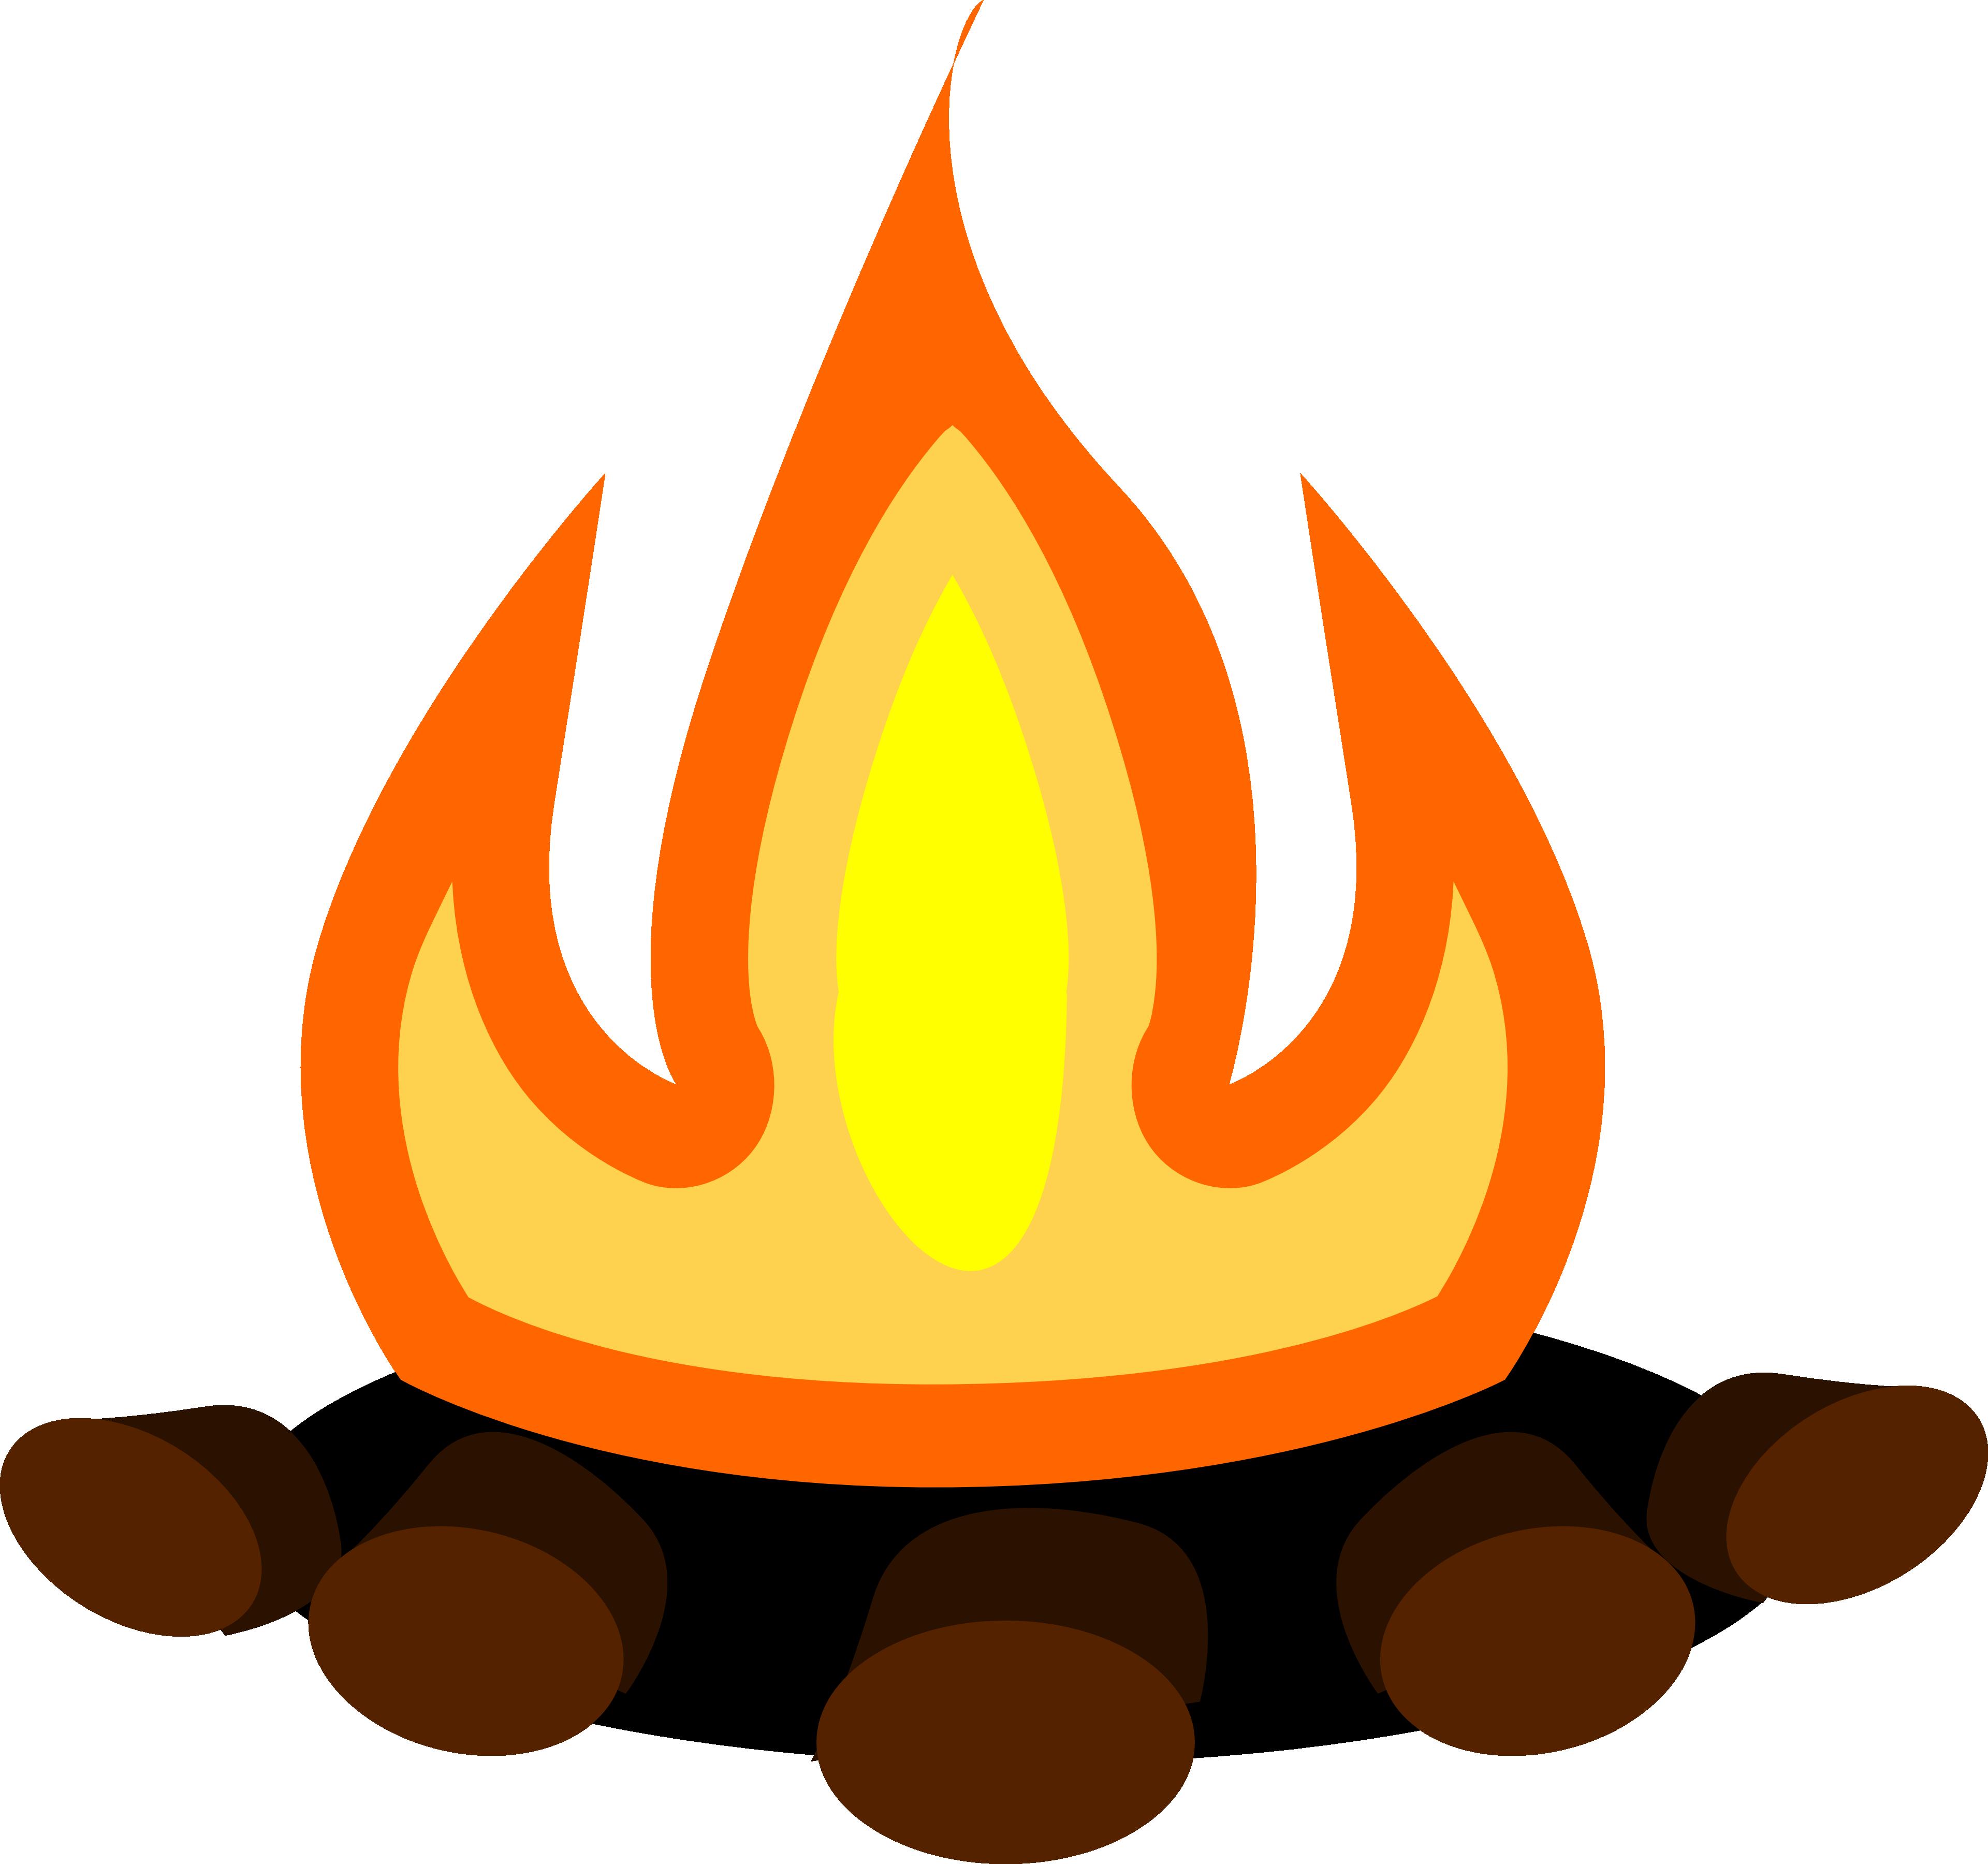 bonfire png rh pngimg com bonfire clip art free bonfire clipart png